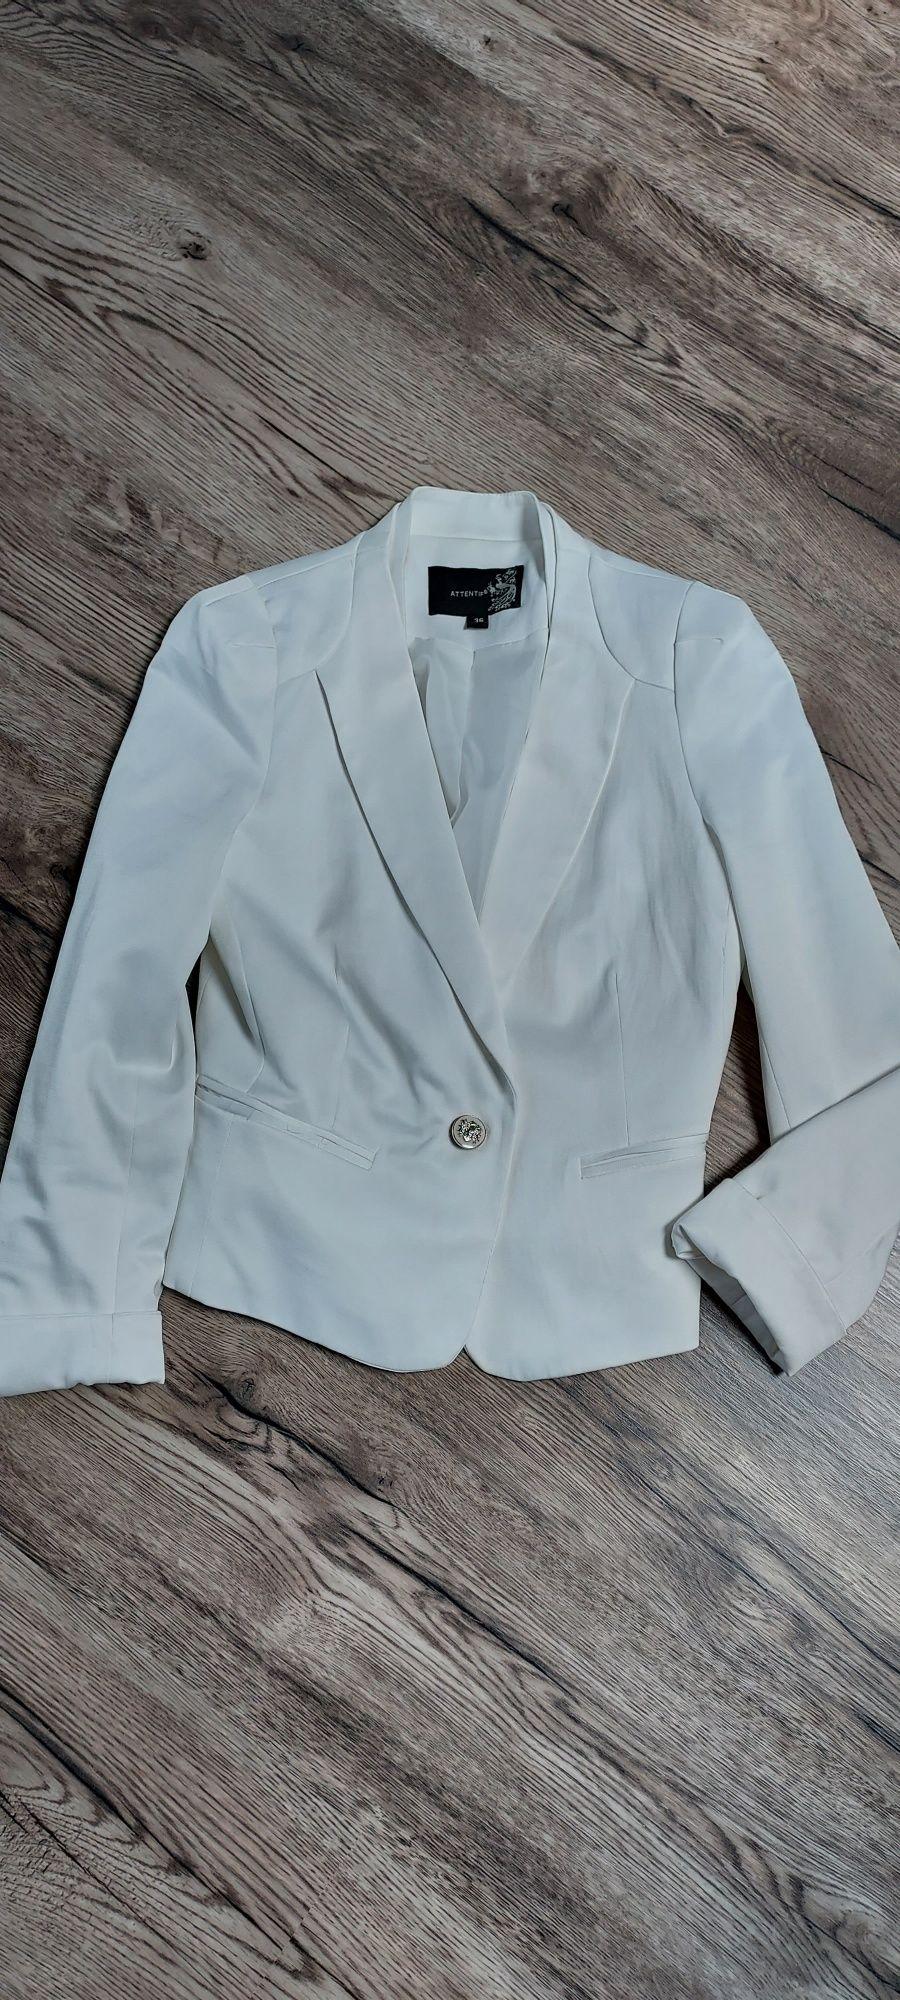 Biały żakiet sprzedam